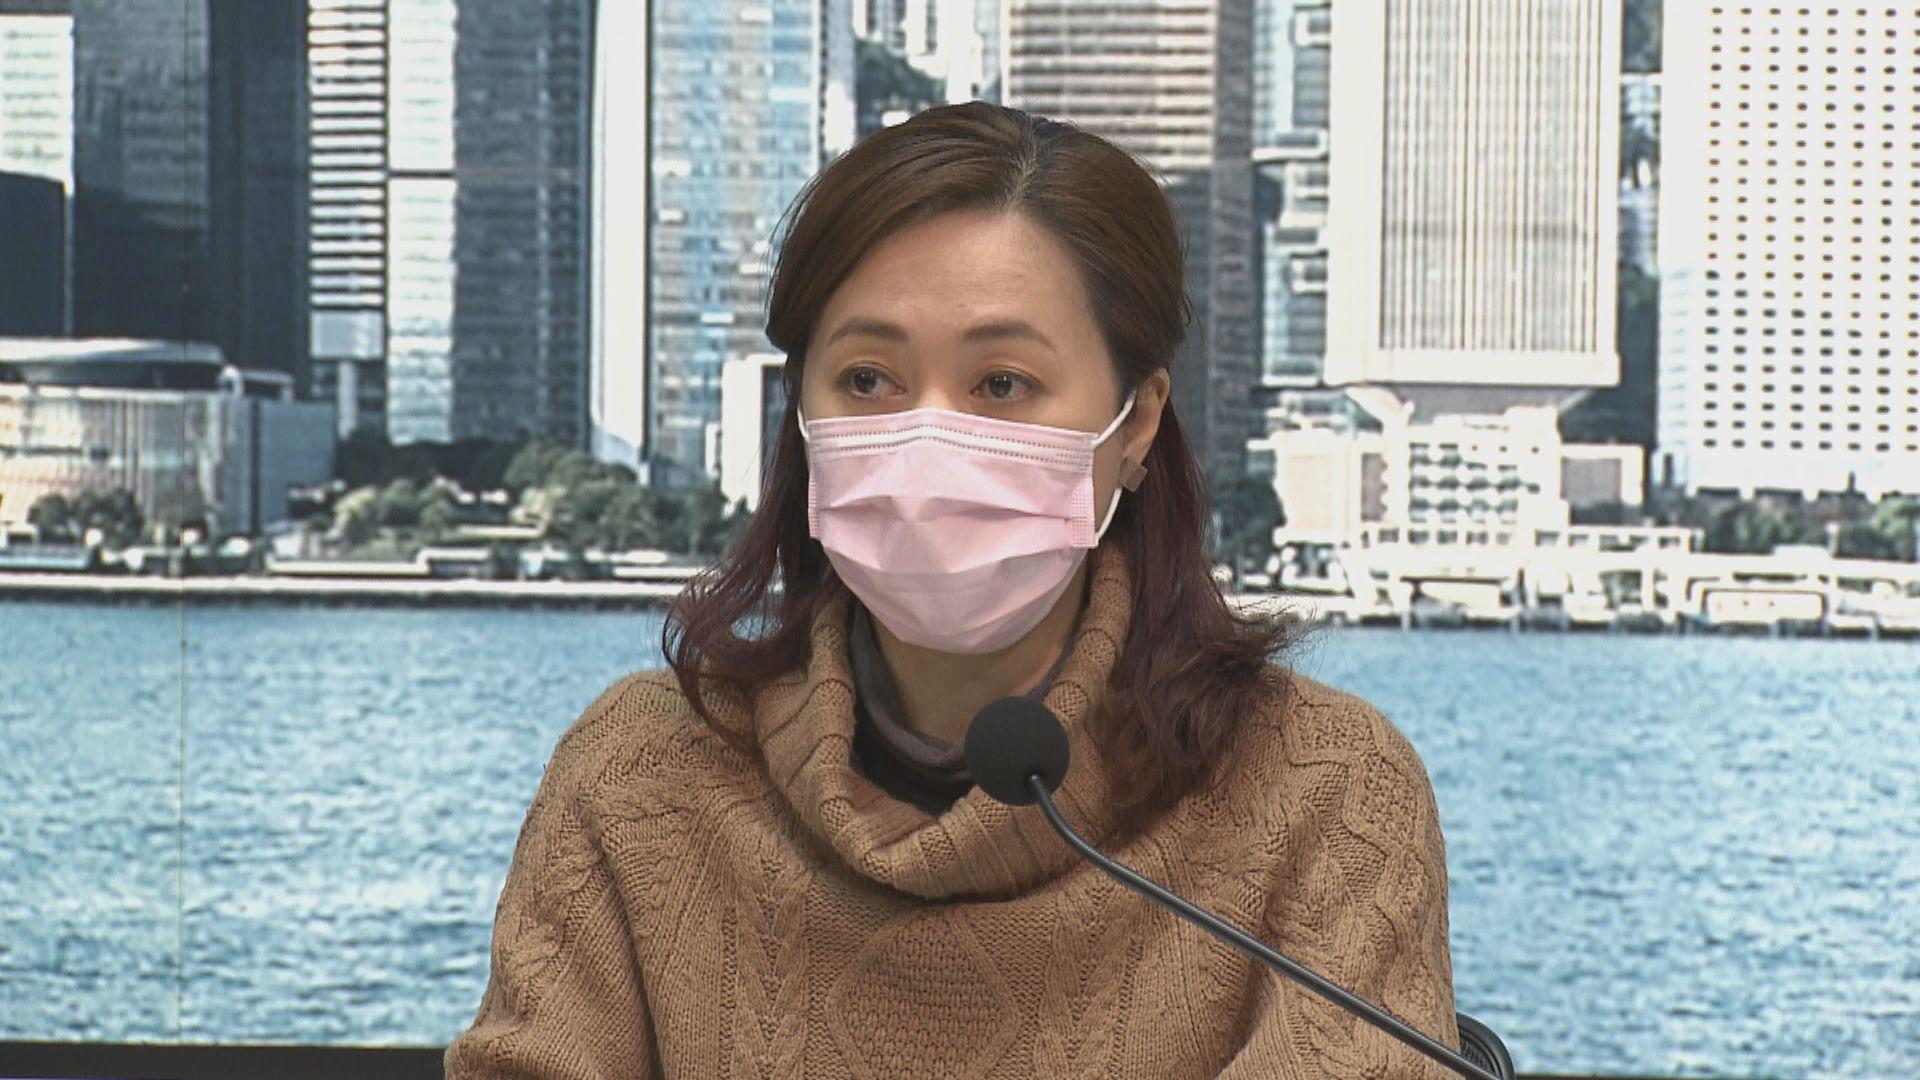 中九龍幹線隧道工程地盤多六人染疫 須強制檢測